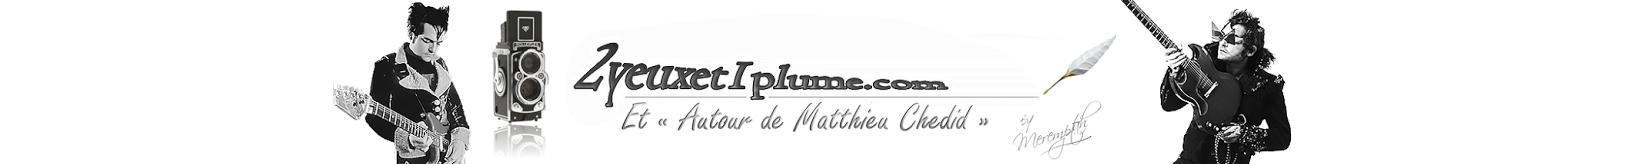 Autour de Matthieu Chedid -M- par 2yeuxet1plume